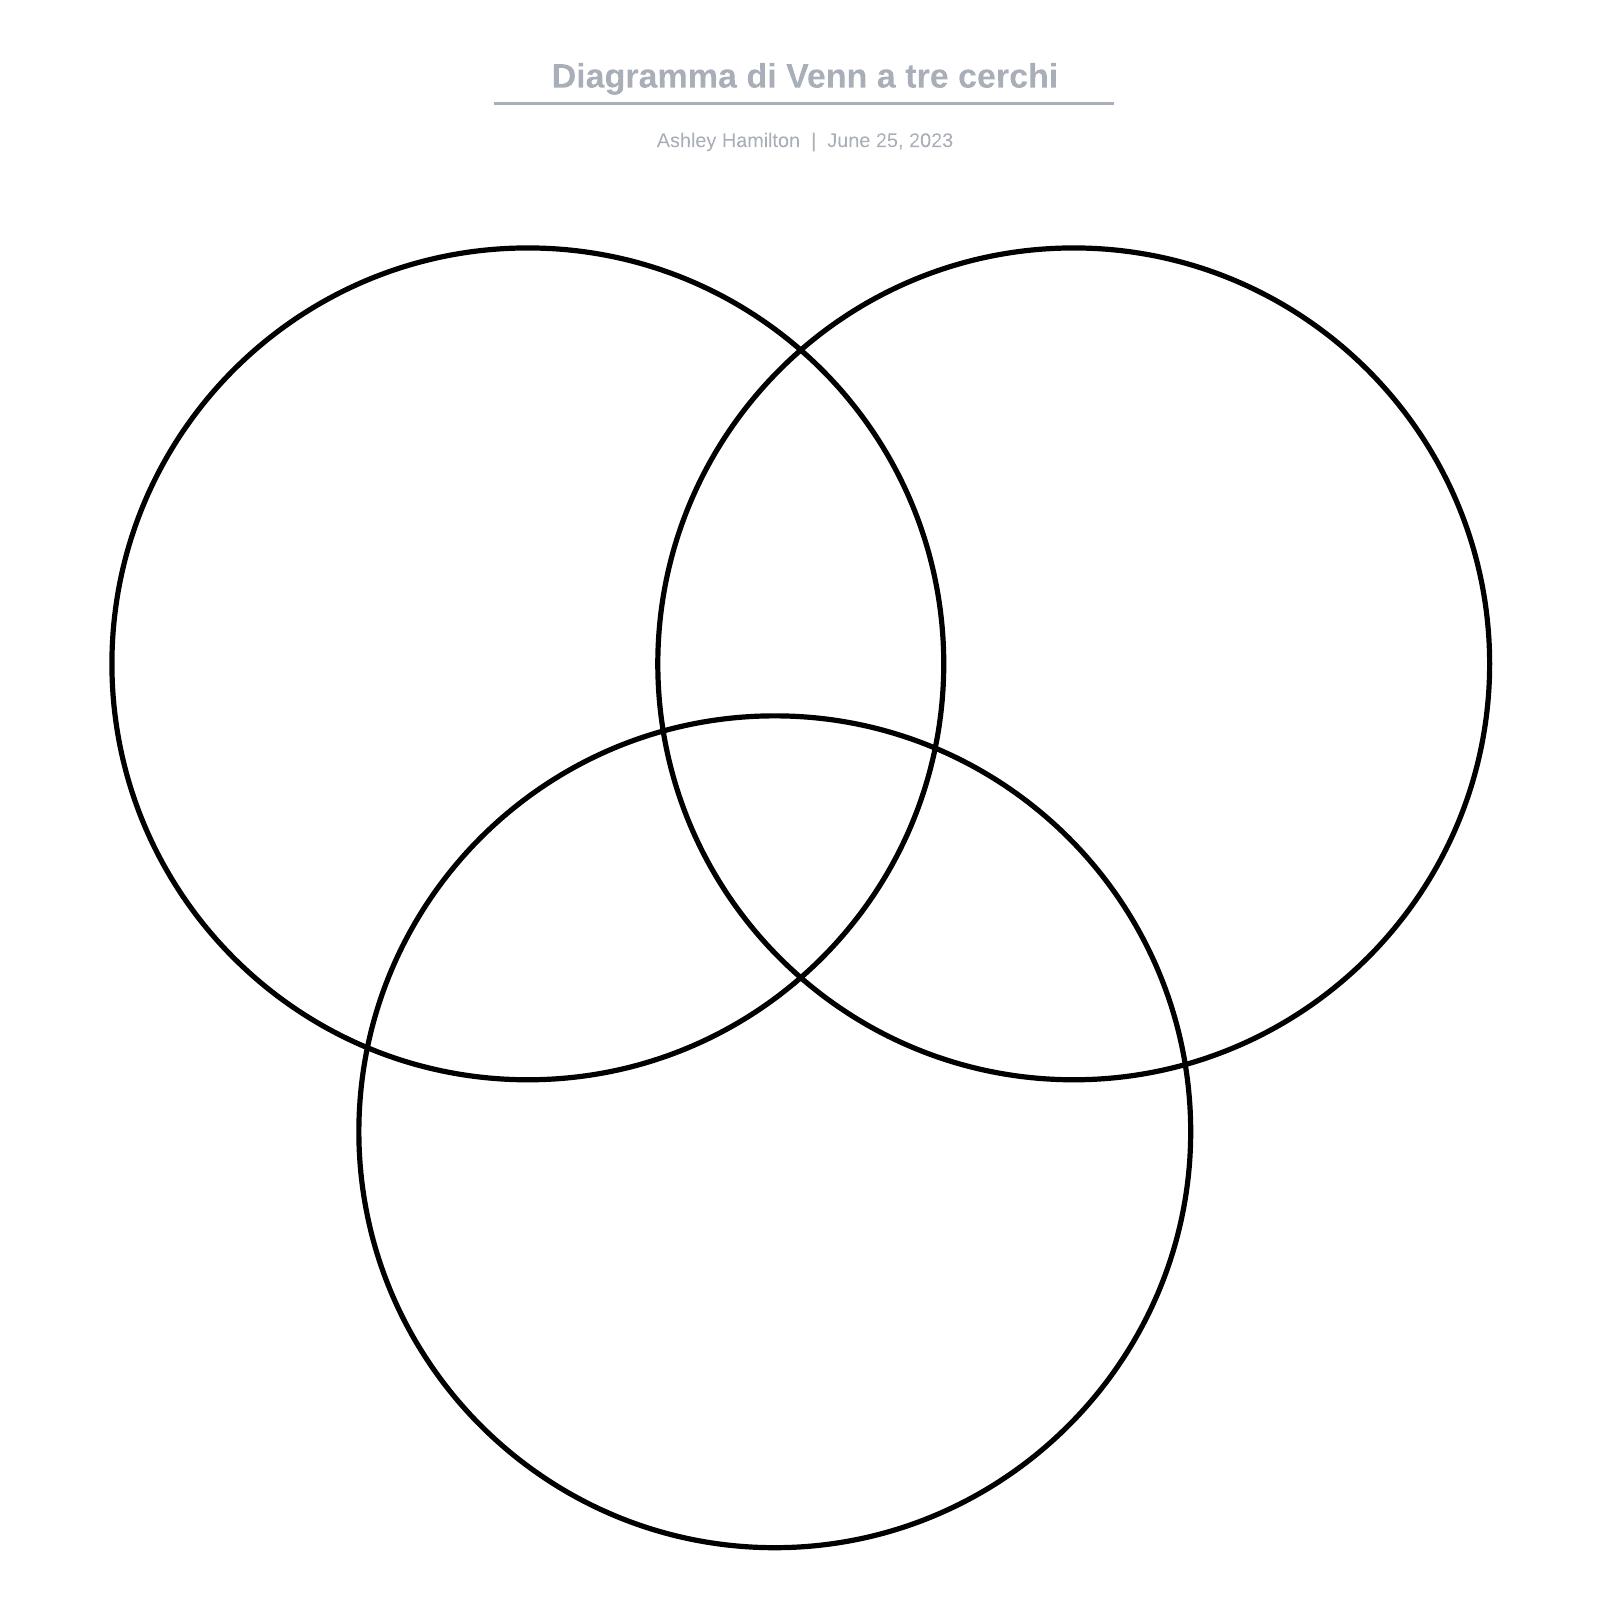 Diagramma di Venn a tre cerchi